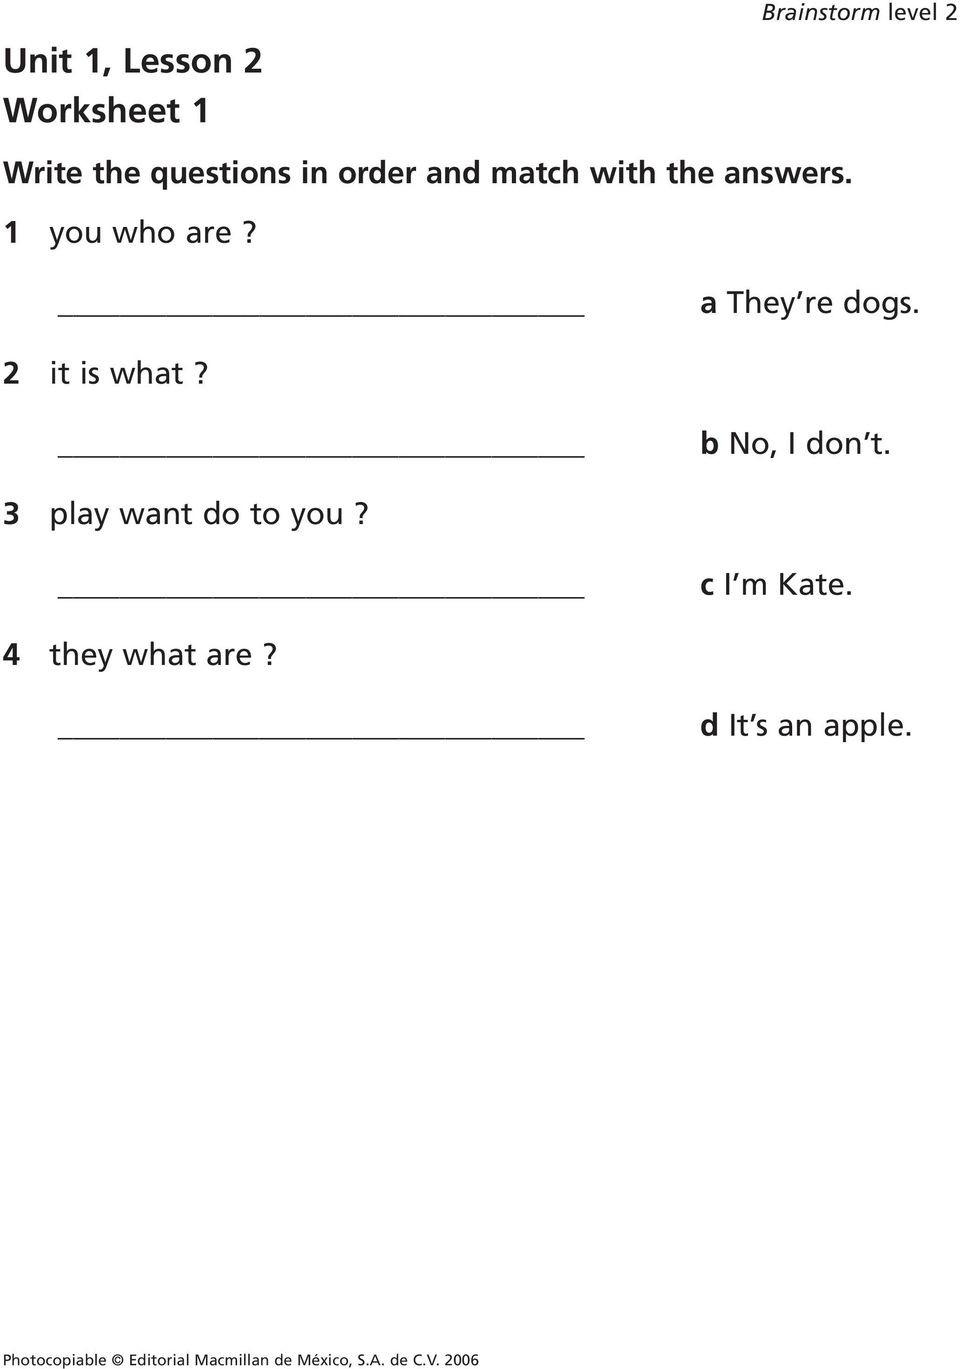 Simplifying Radicals Worksheet 1 Answers